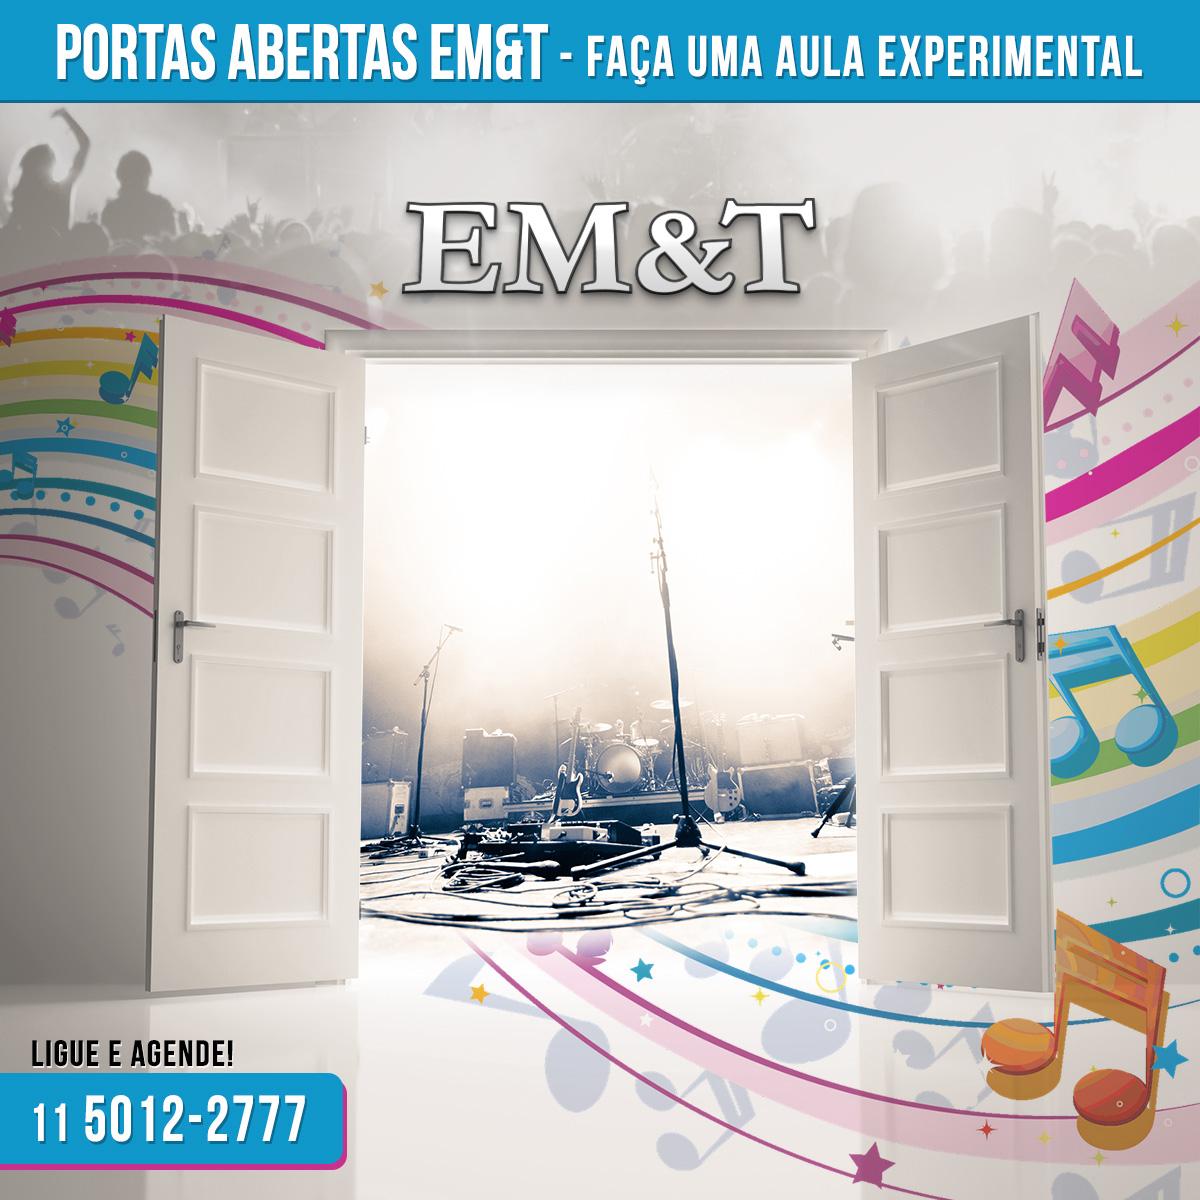 De portas abertas: aula experimental na EM&T